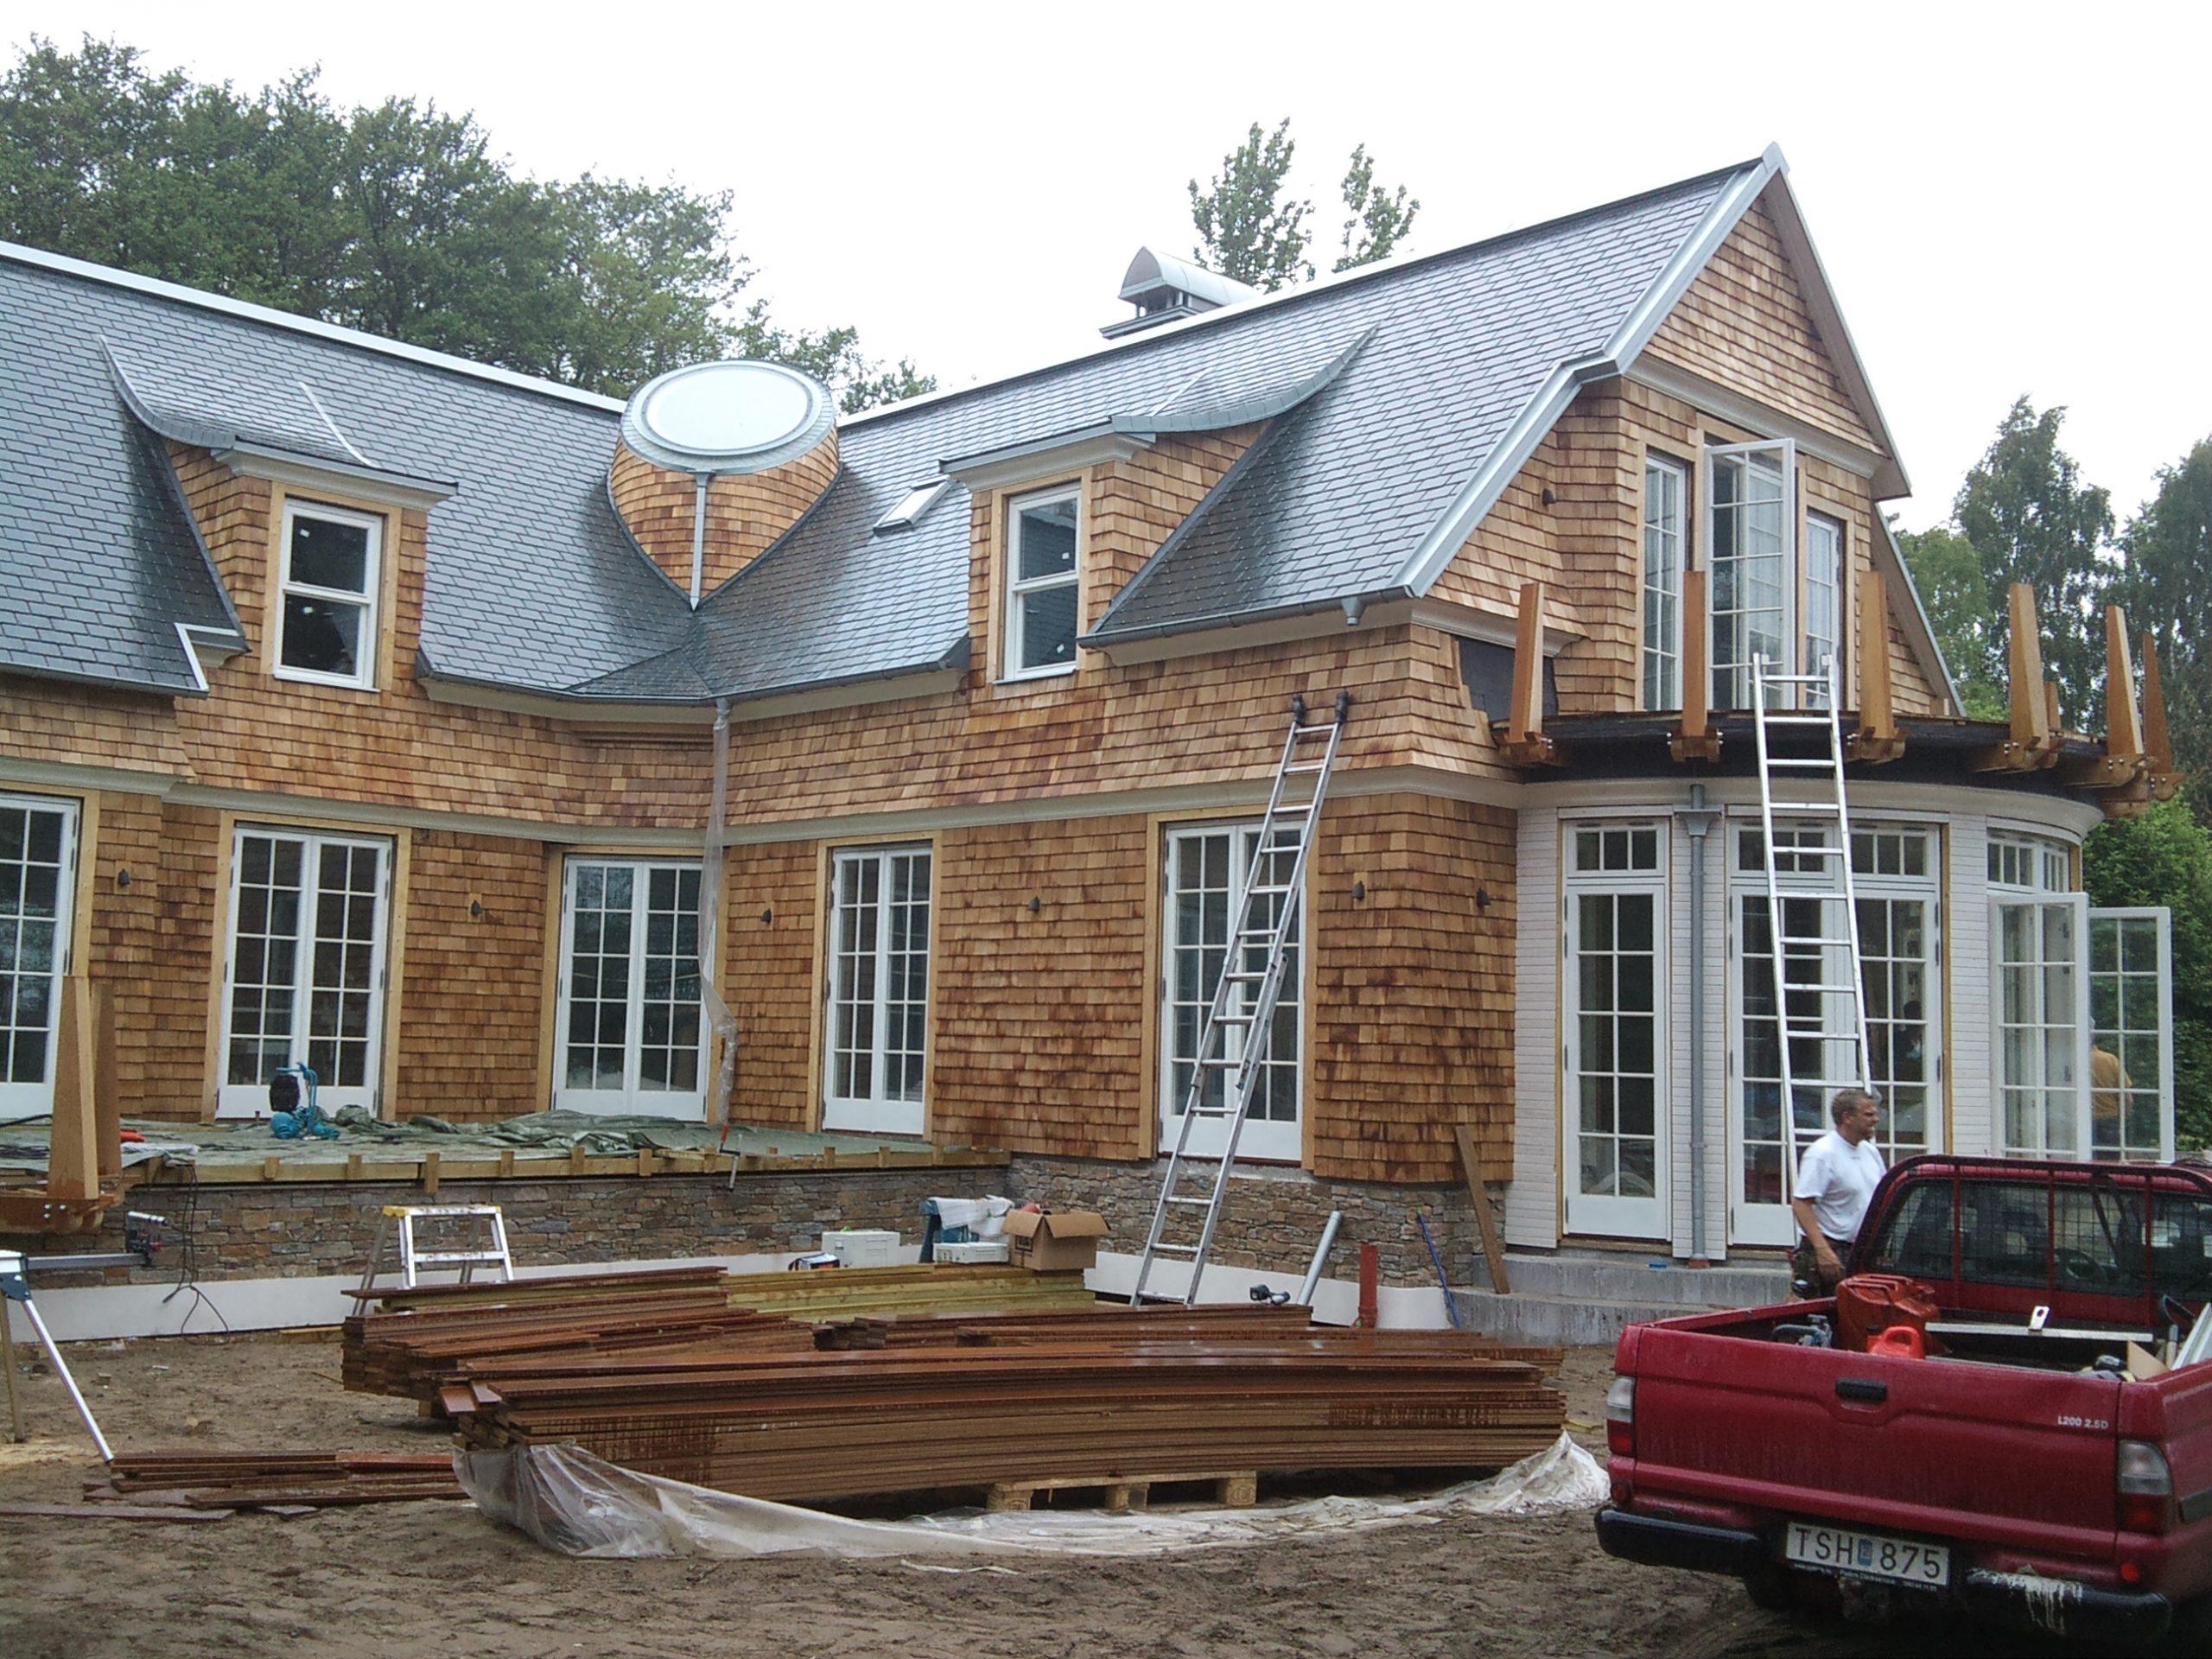 Cederträ fjällpanel fasad hus